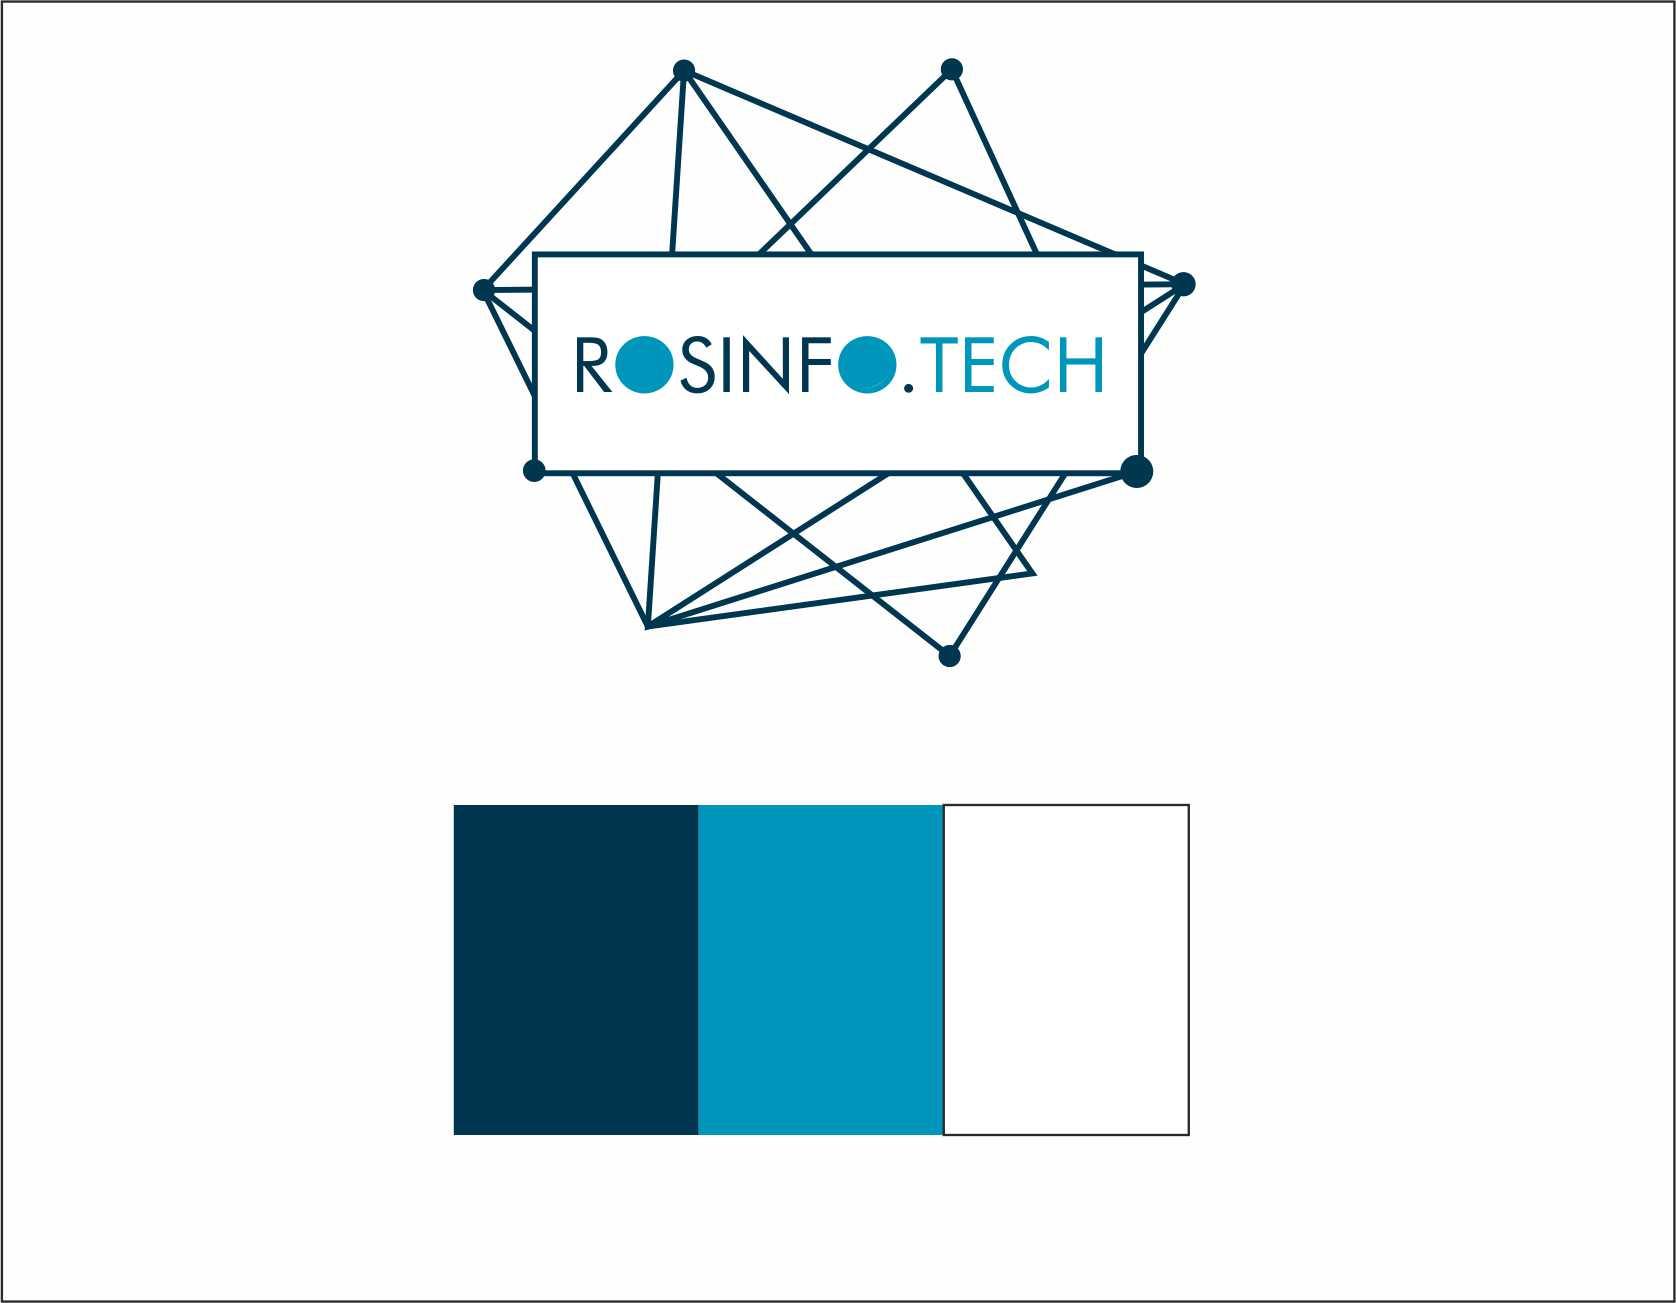 Разработка пакета айдентики rosinfo.tech фото f_9175e1c7f0d69ce0.jpg